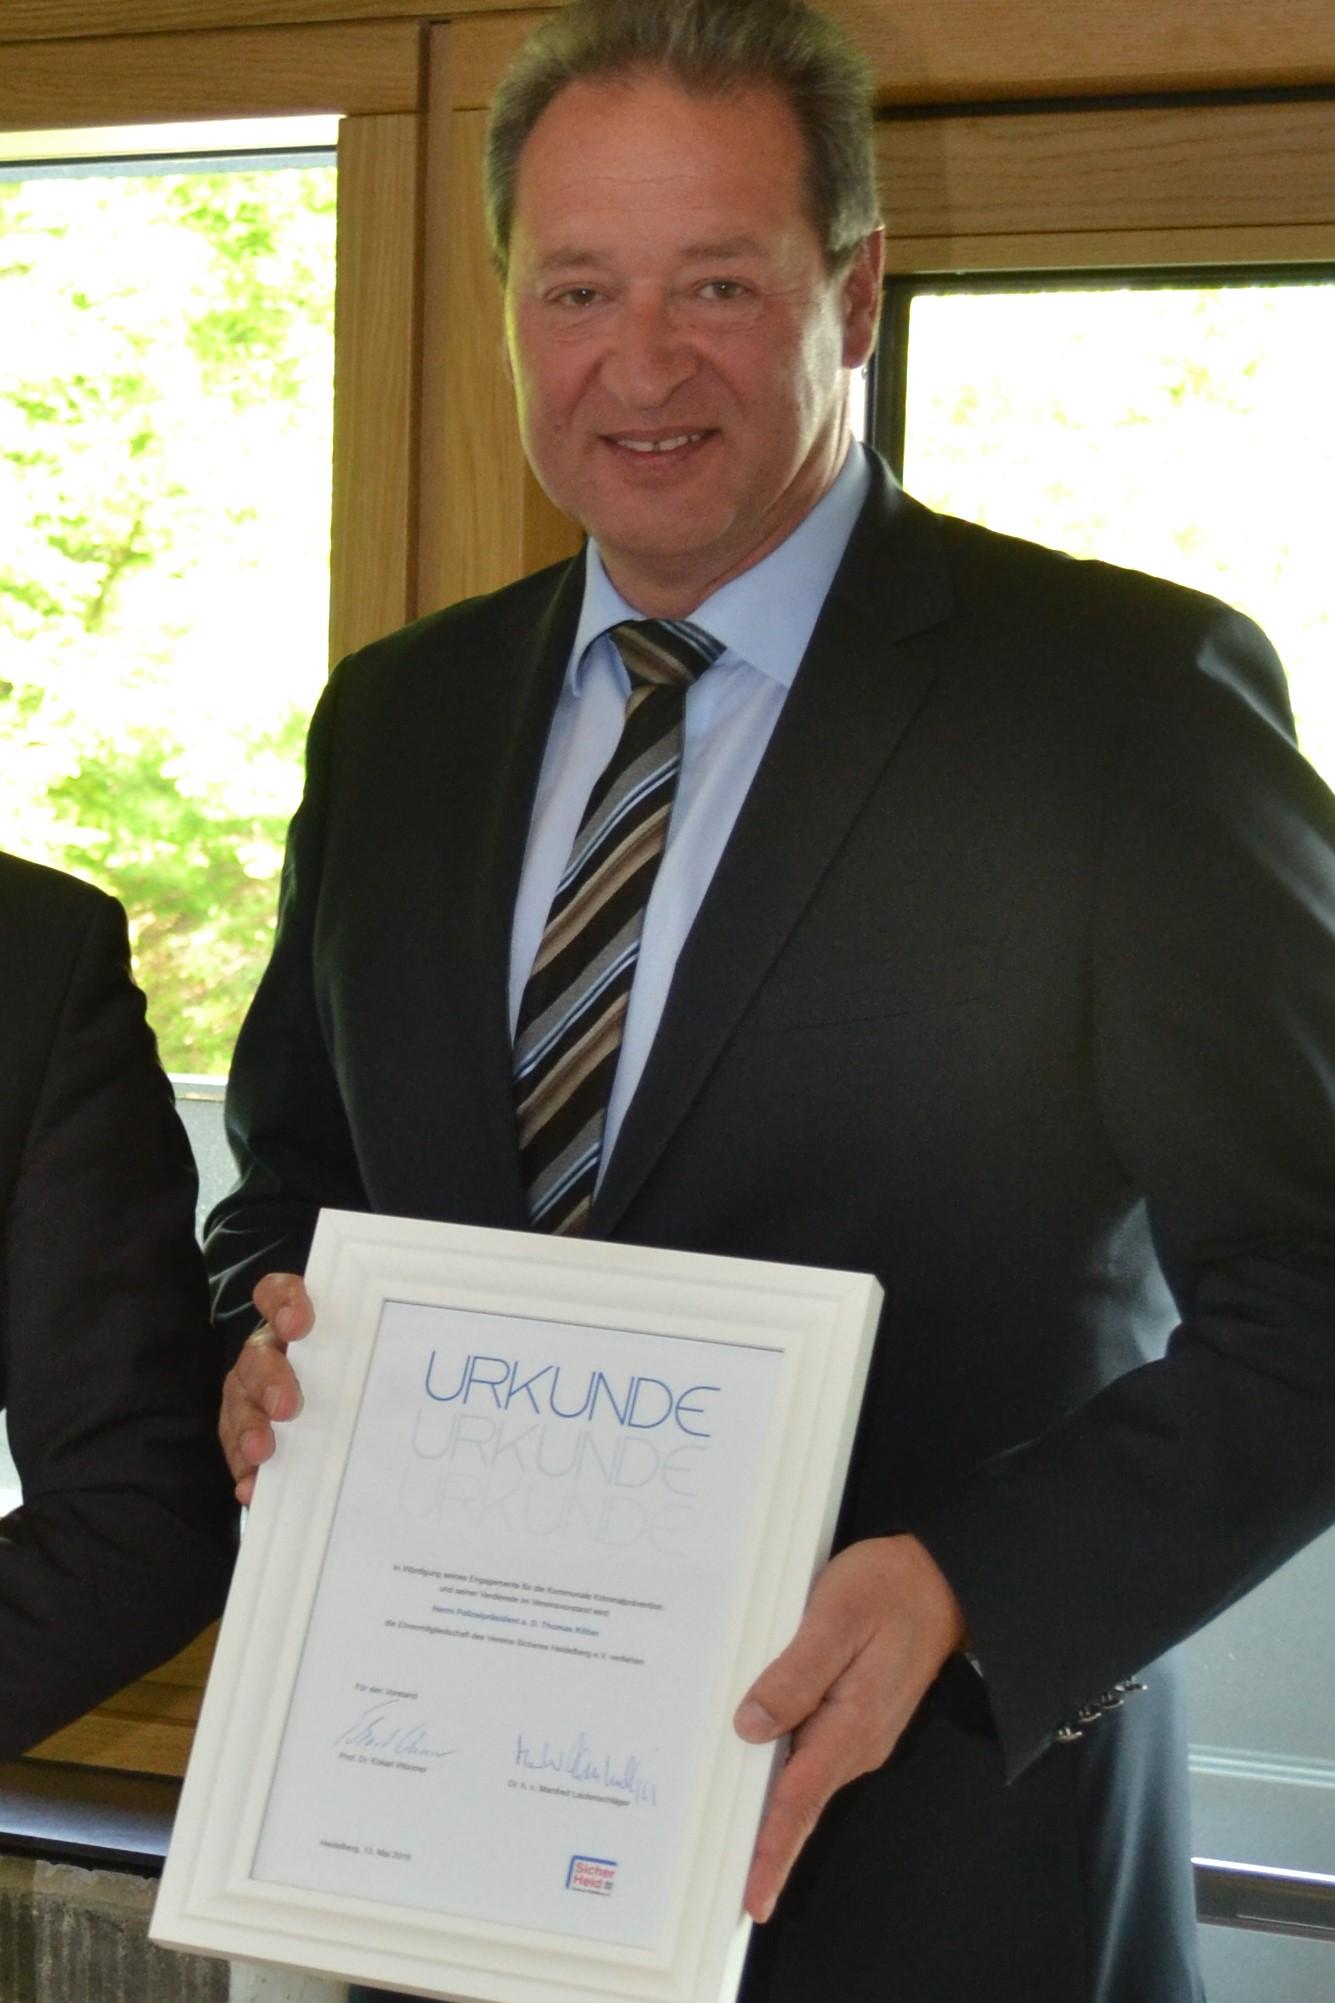 Ehrenmitglied Polizeipräsident a. D. Thomas Köber